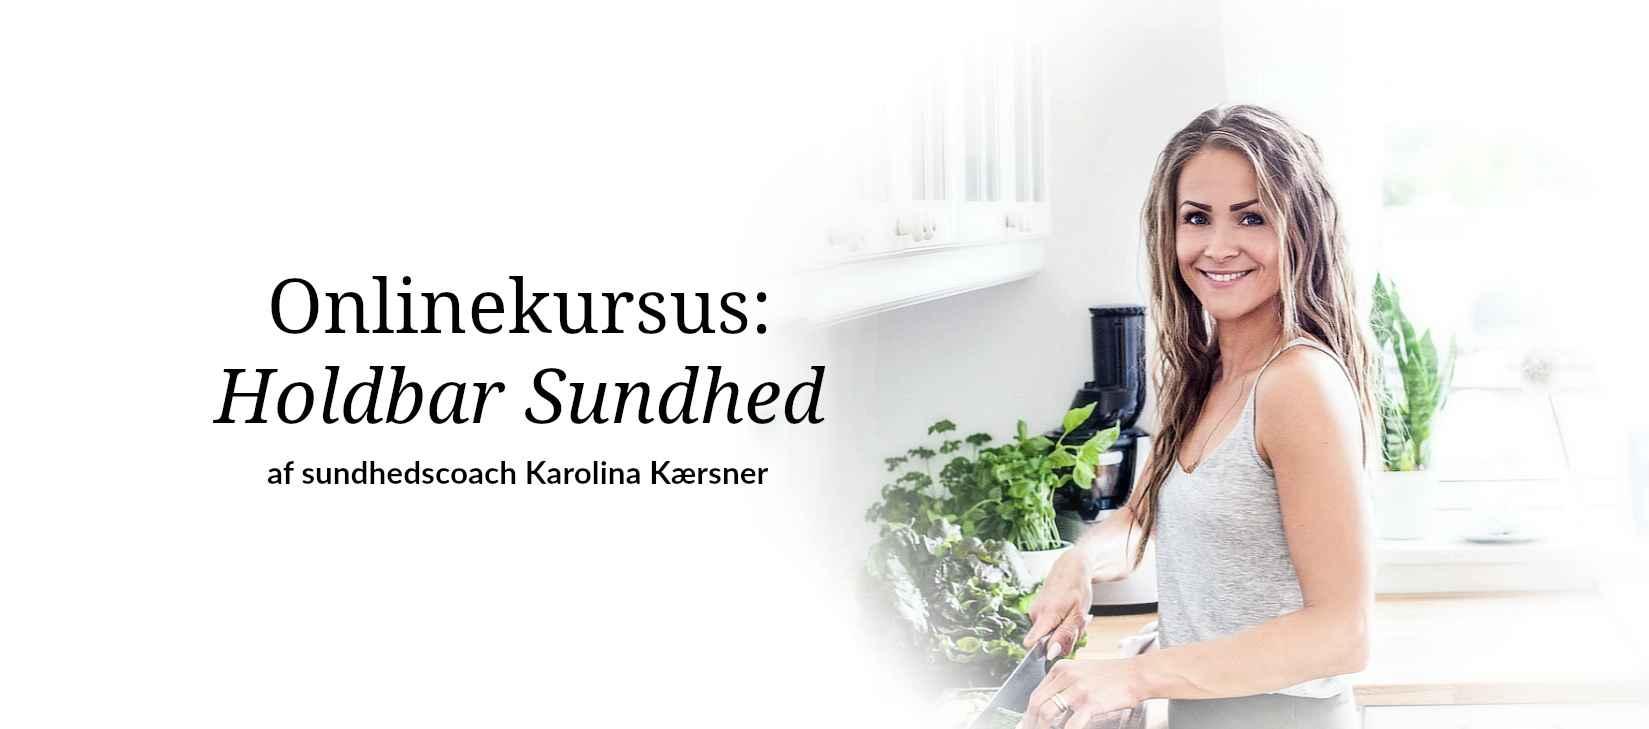 Onlinekursus Holdbar Sundhed af Sundhedscoach Karolina Kærsner.jpg